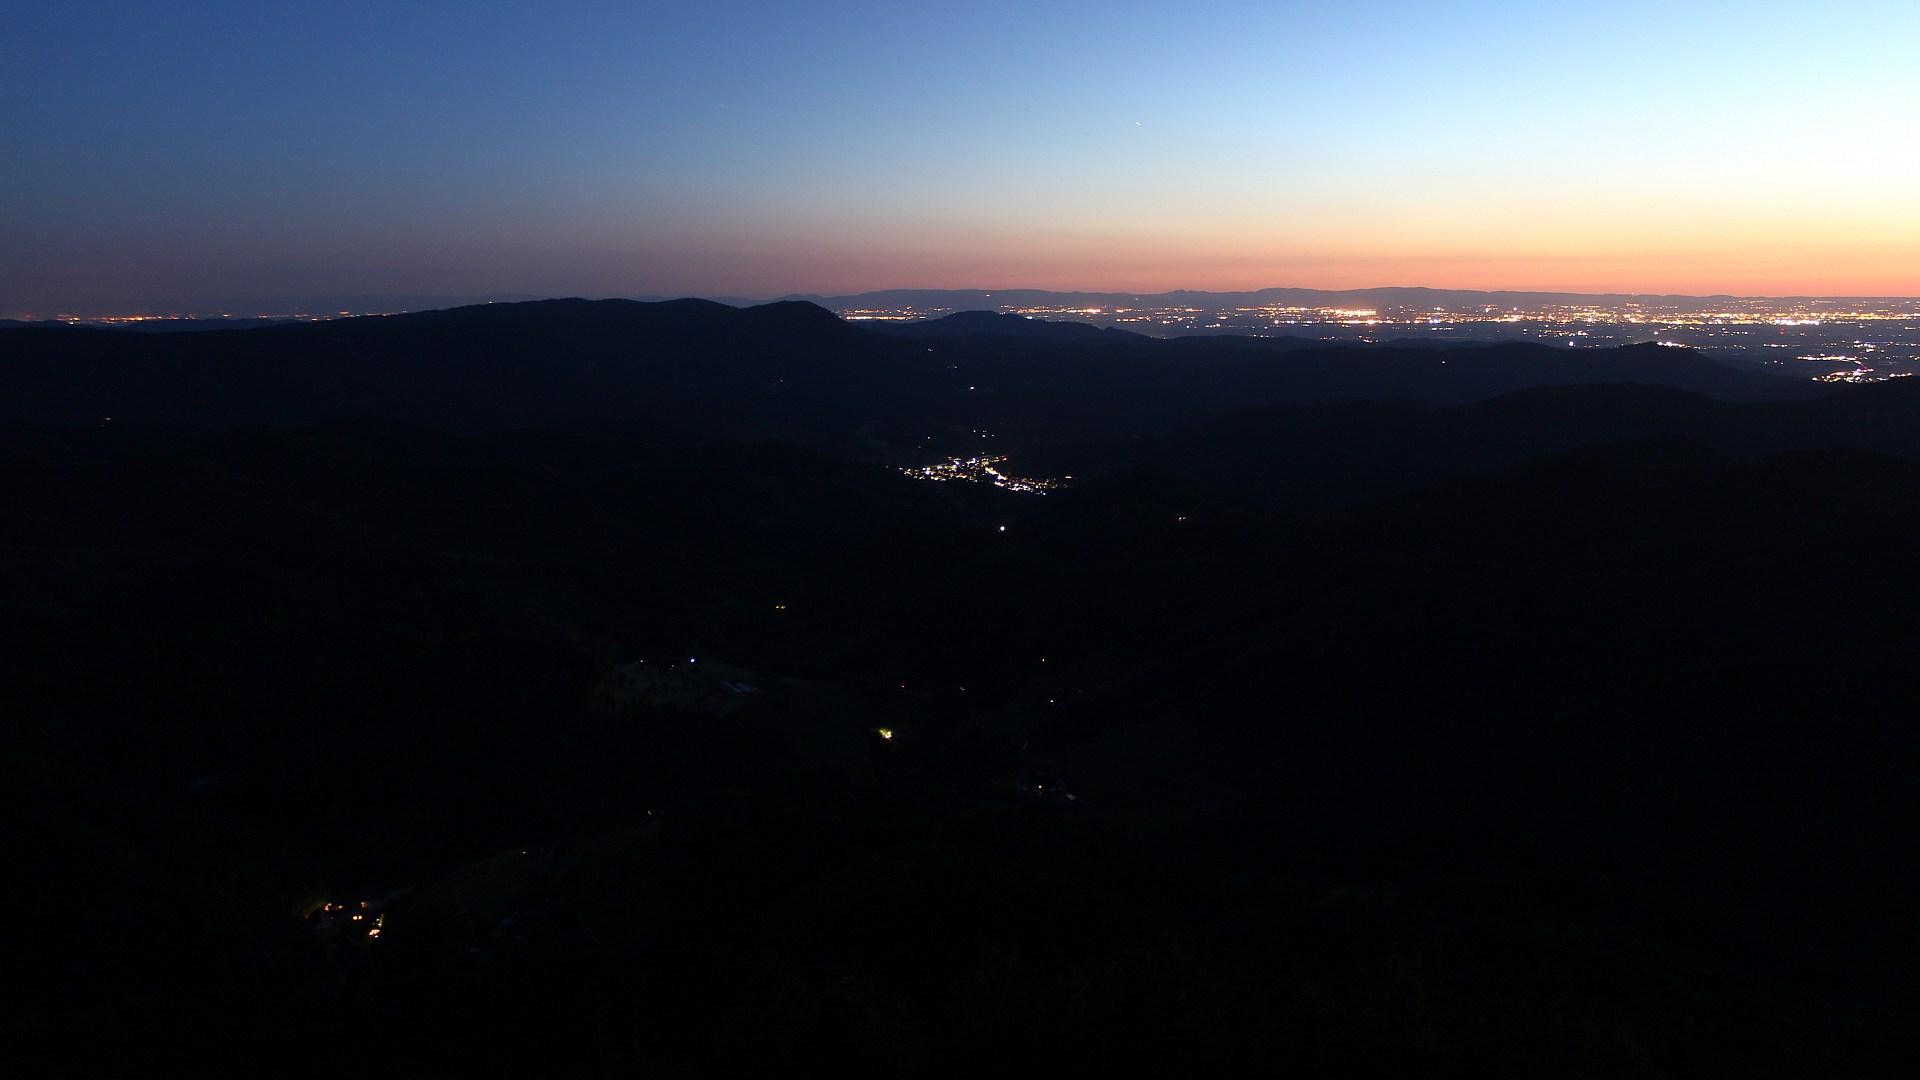 Aufnahme: Buchkopfturm vom 28.05.2020 22:30